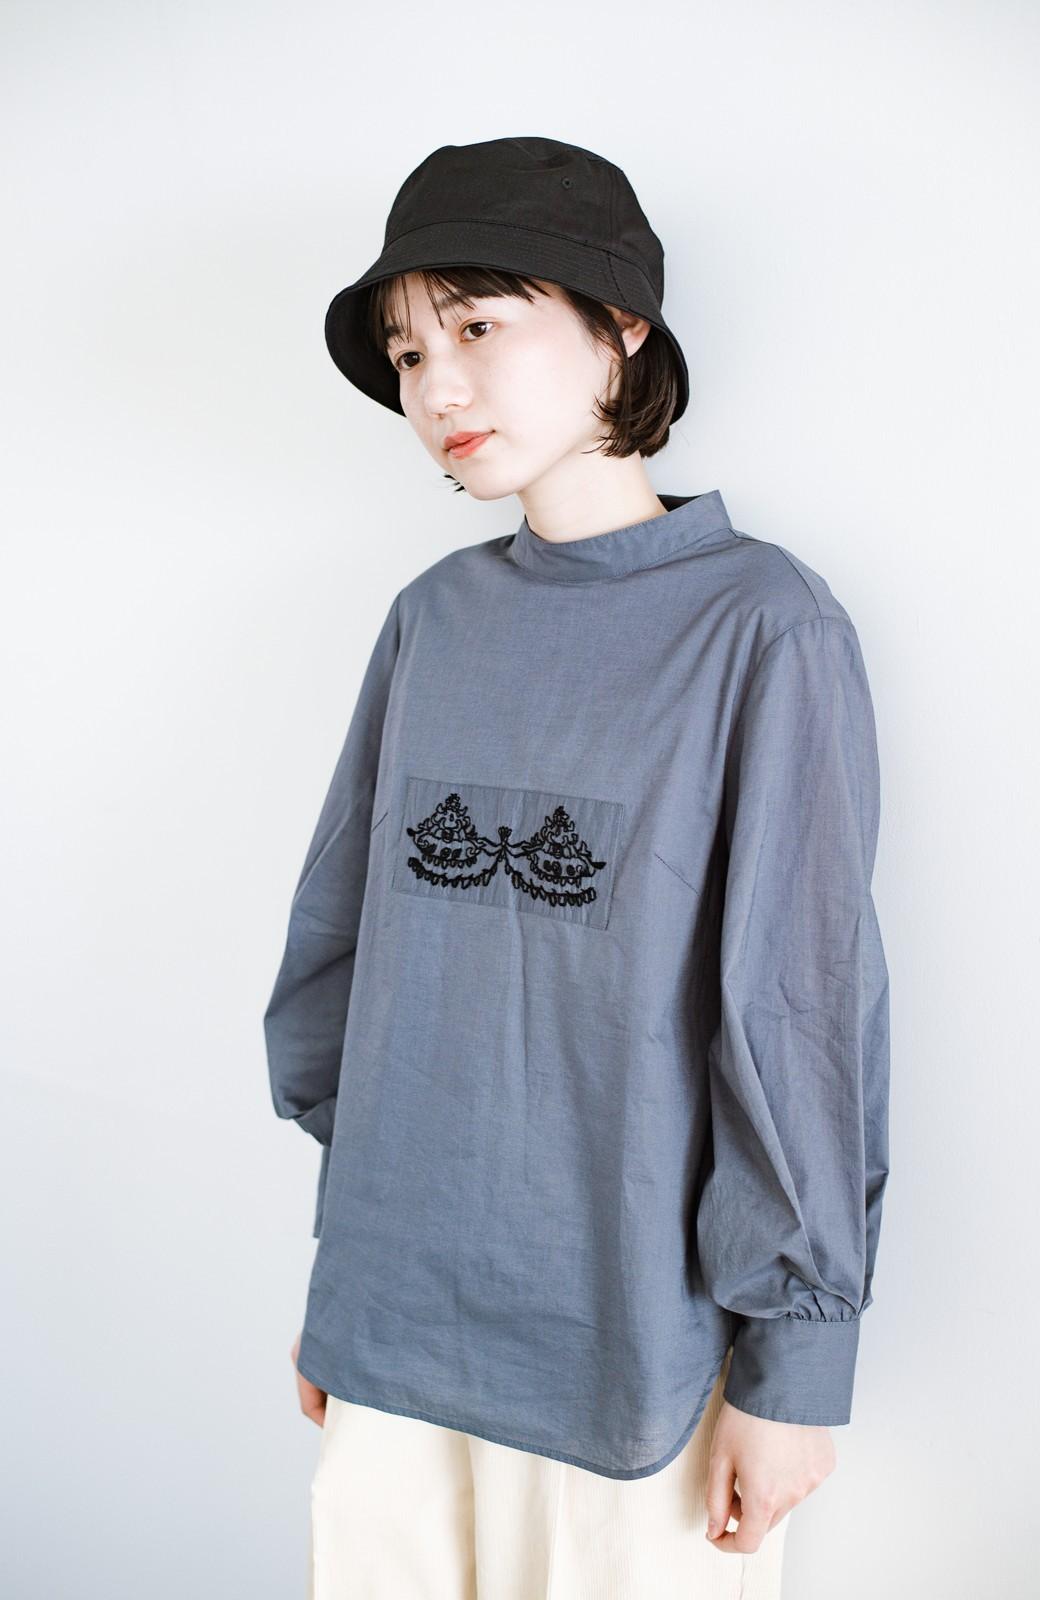 haco! 上品な刺繍がまるでレースのよう オーガニックコットンの袖ぽんわりブラウス from Stitch by Stitch <グレイッシュブルー>の商品写真3